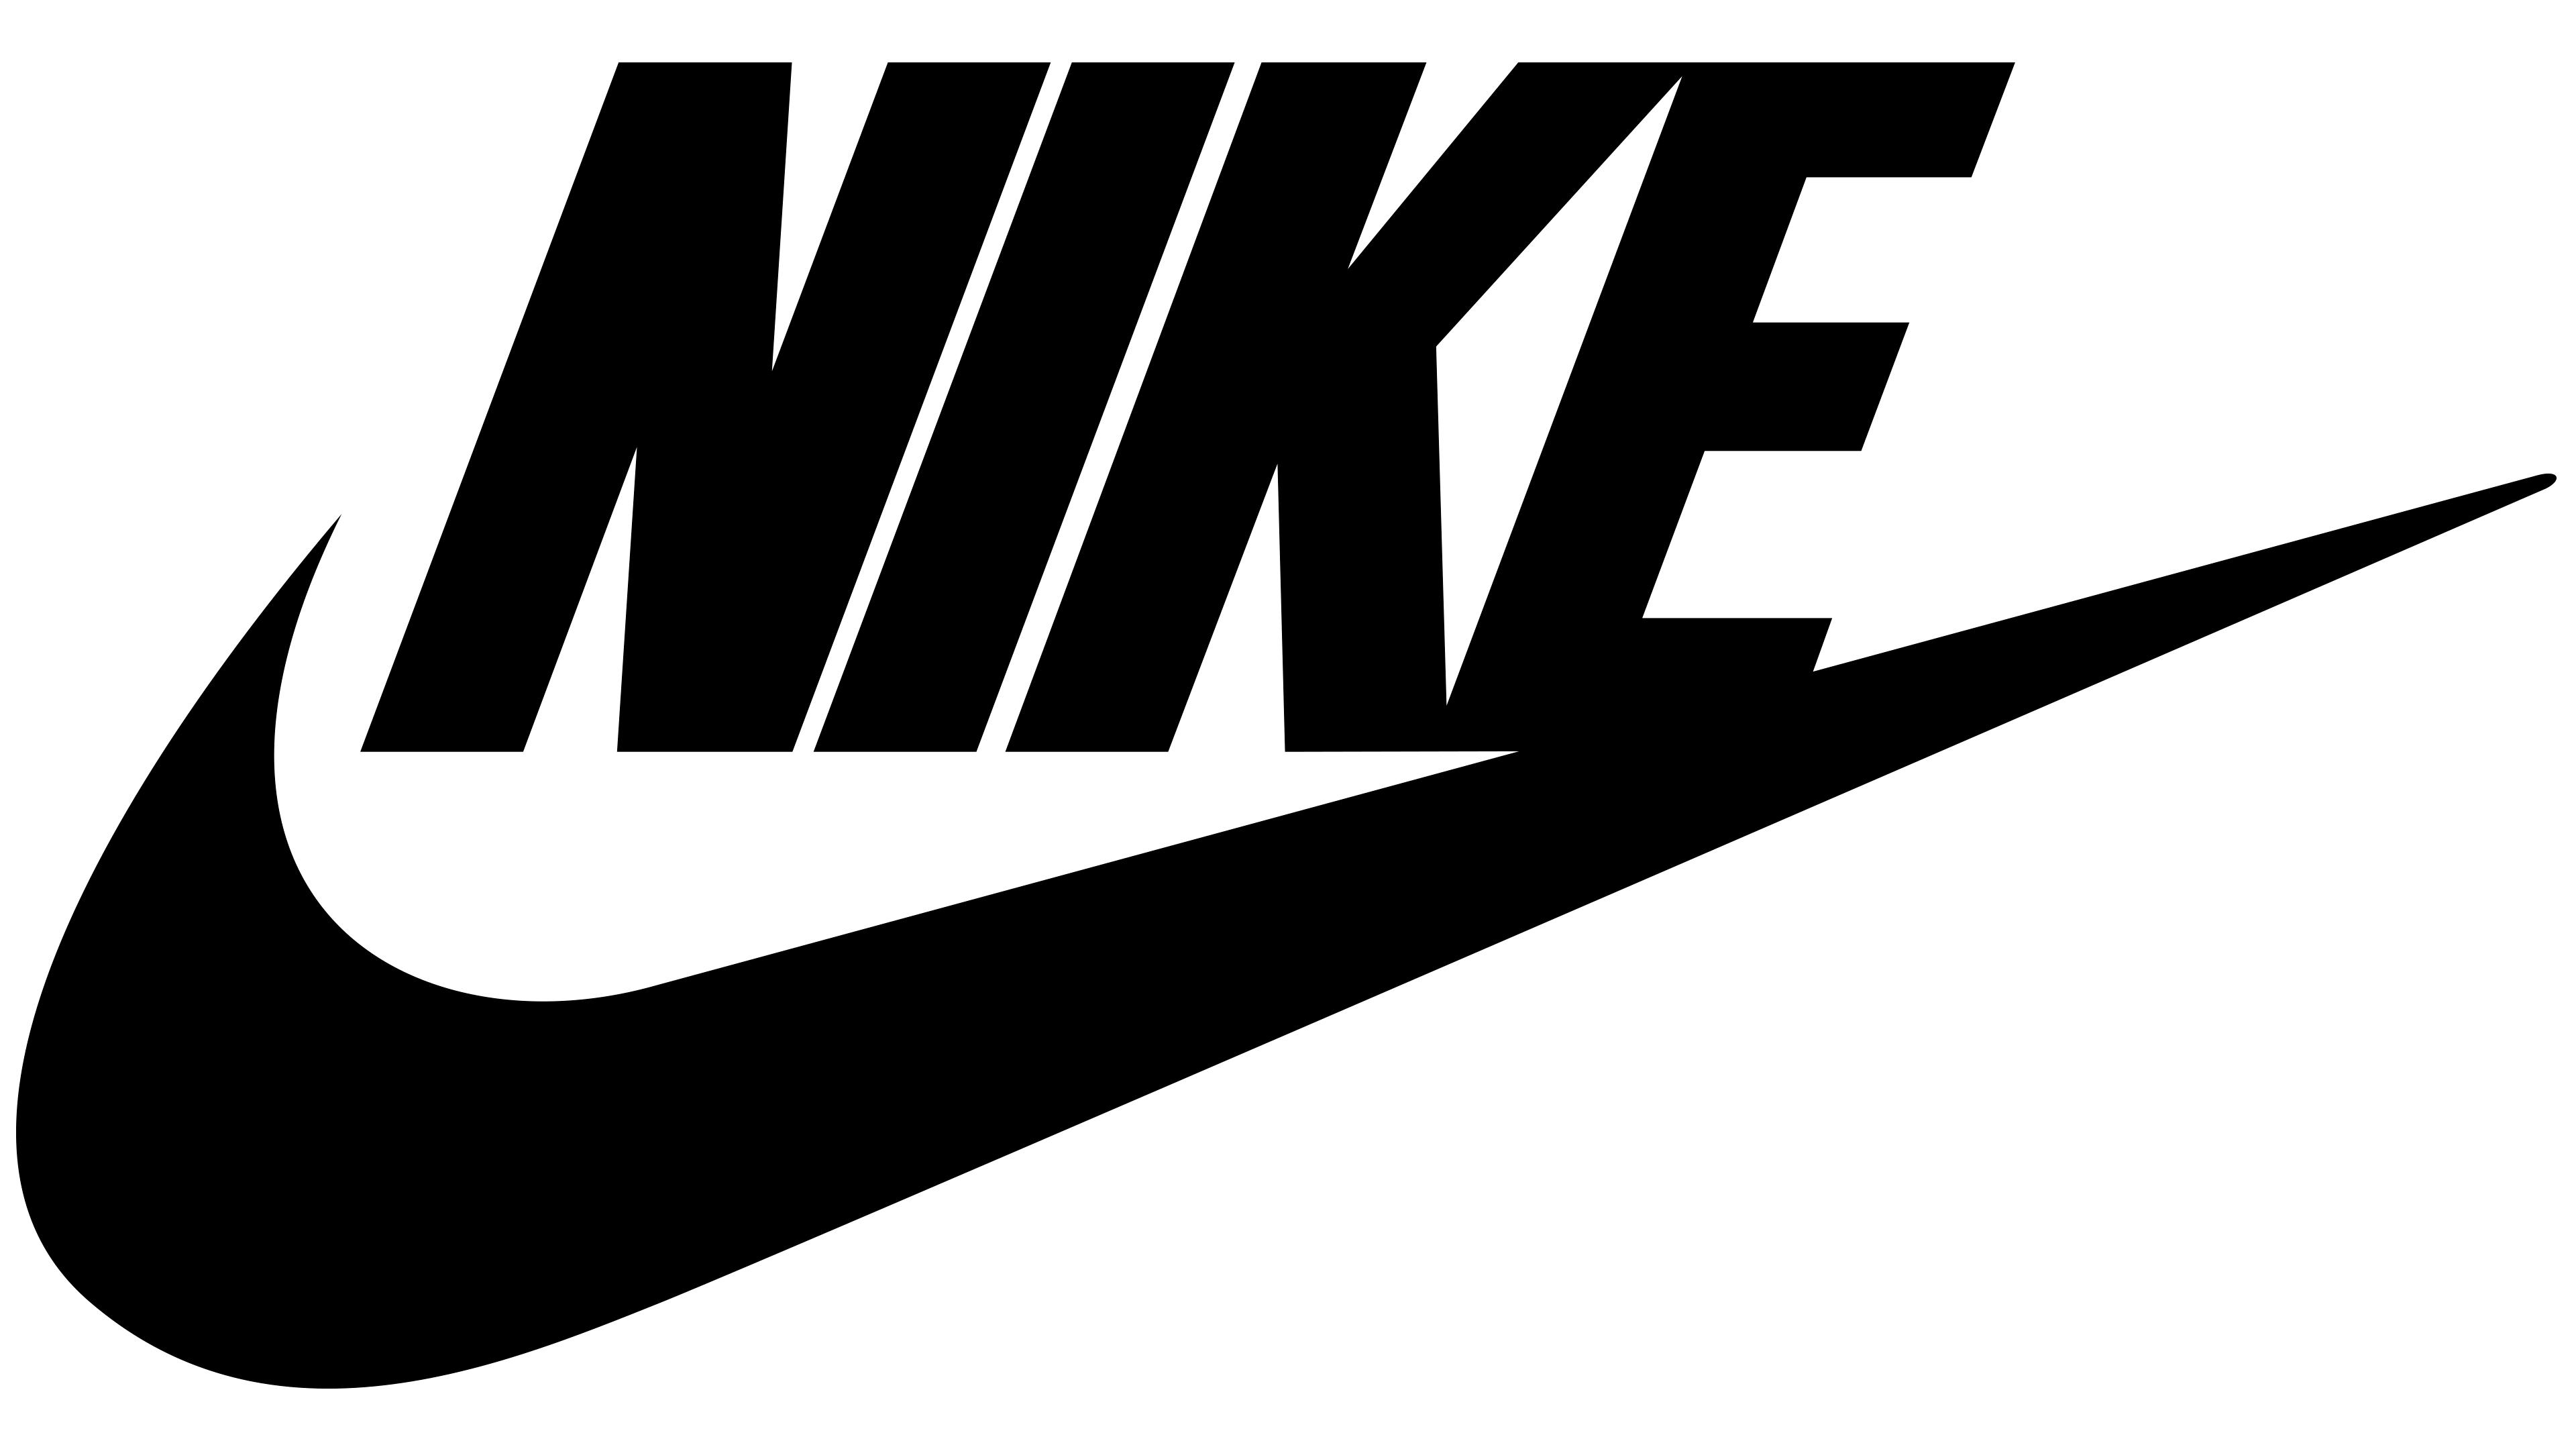 Bildergebnis für nike logo